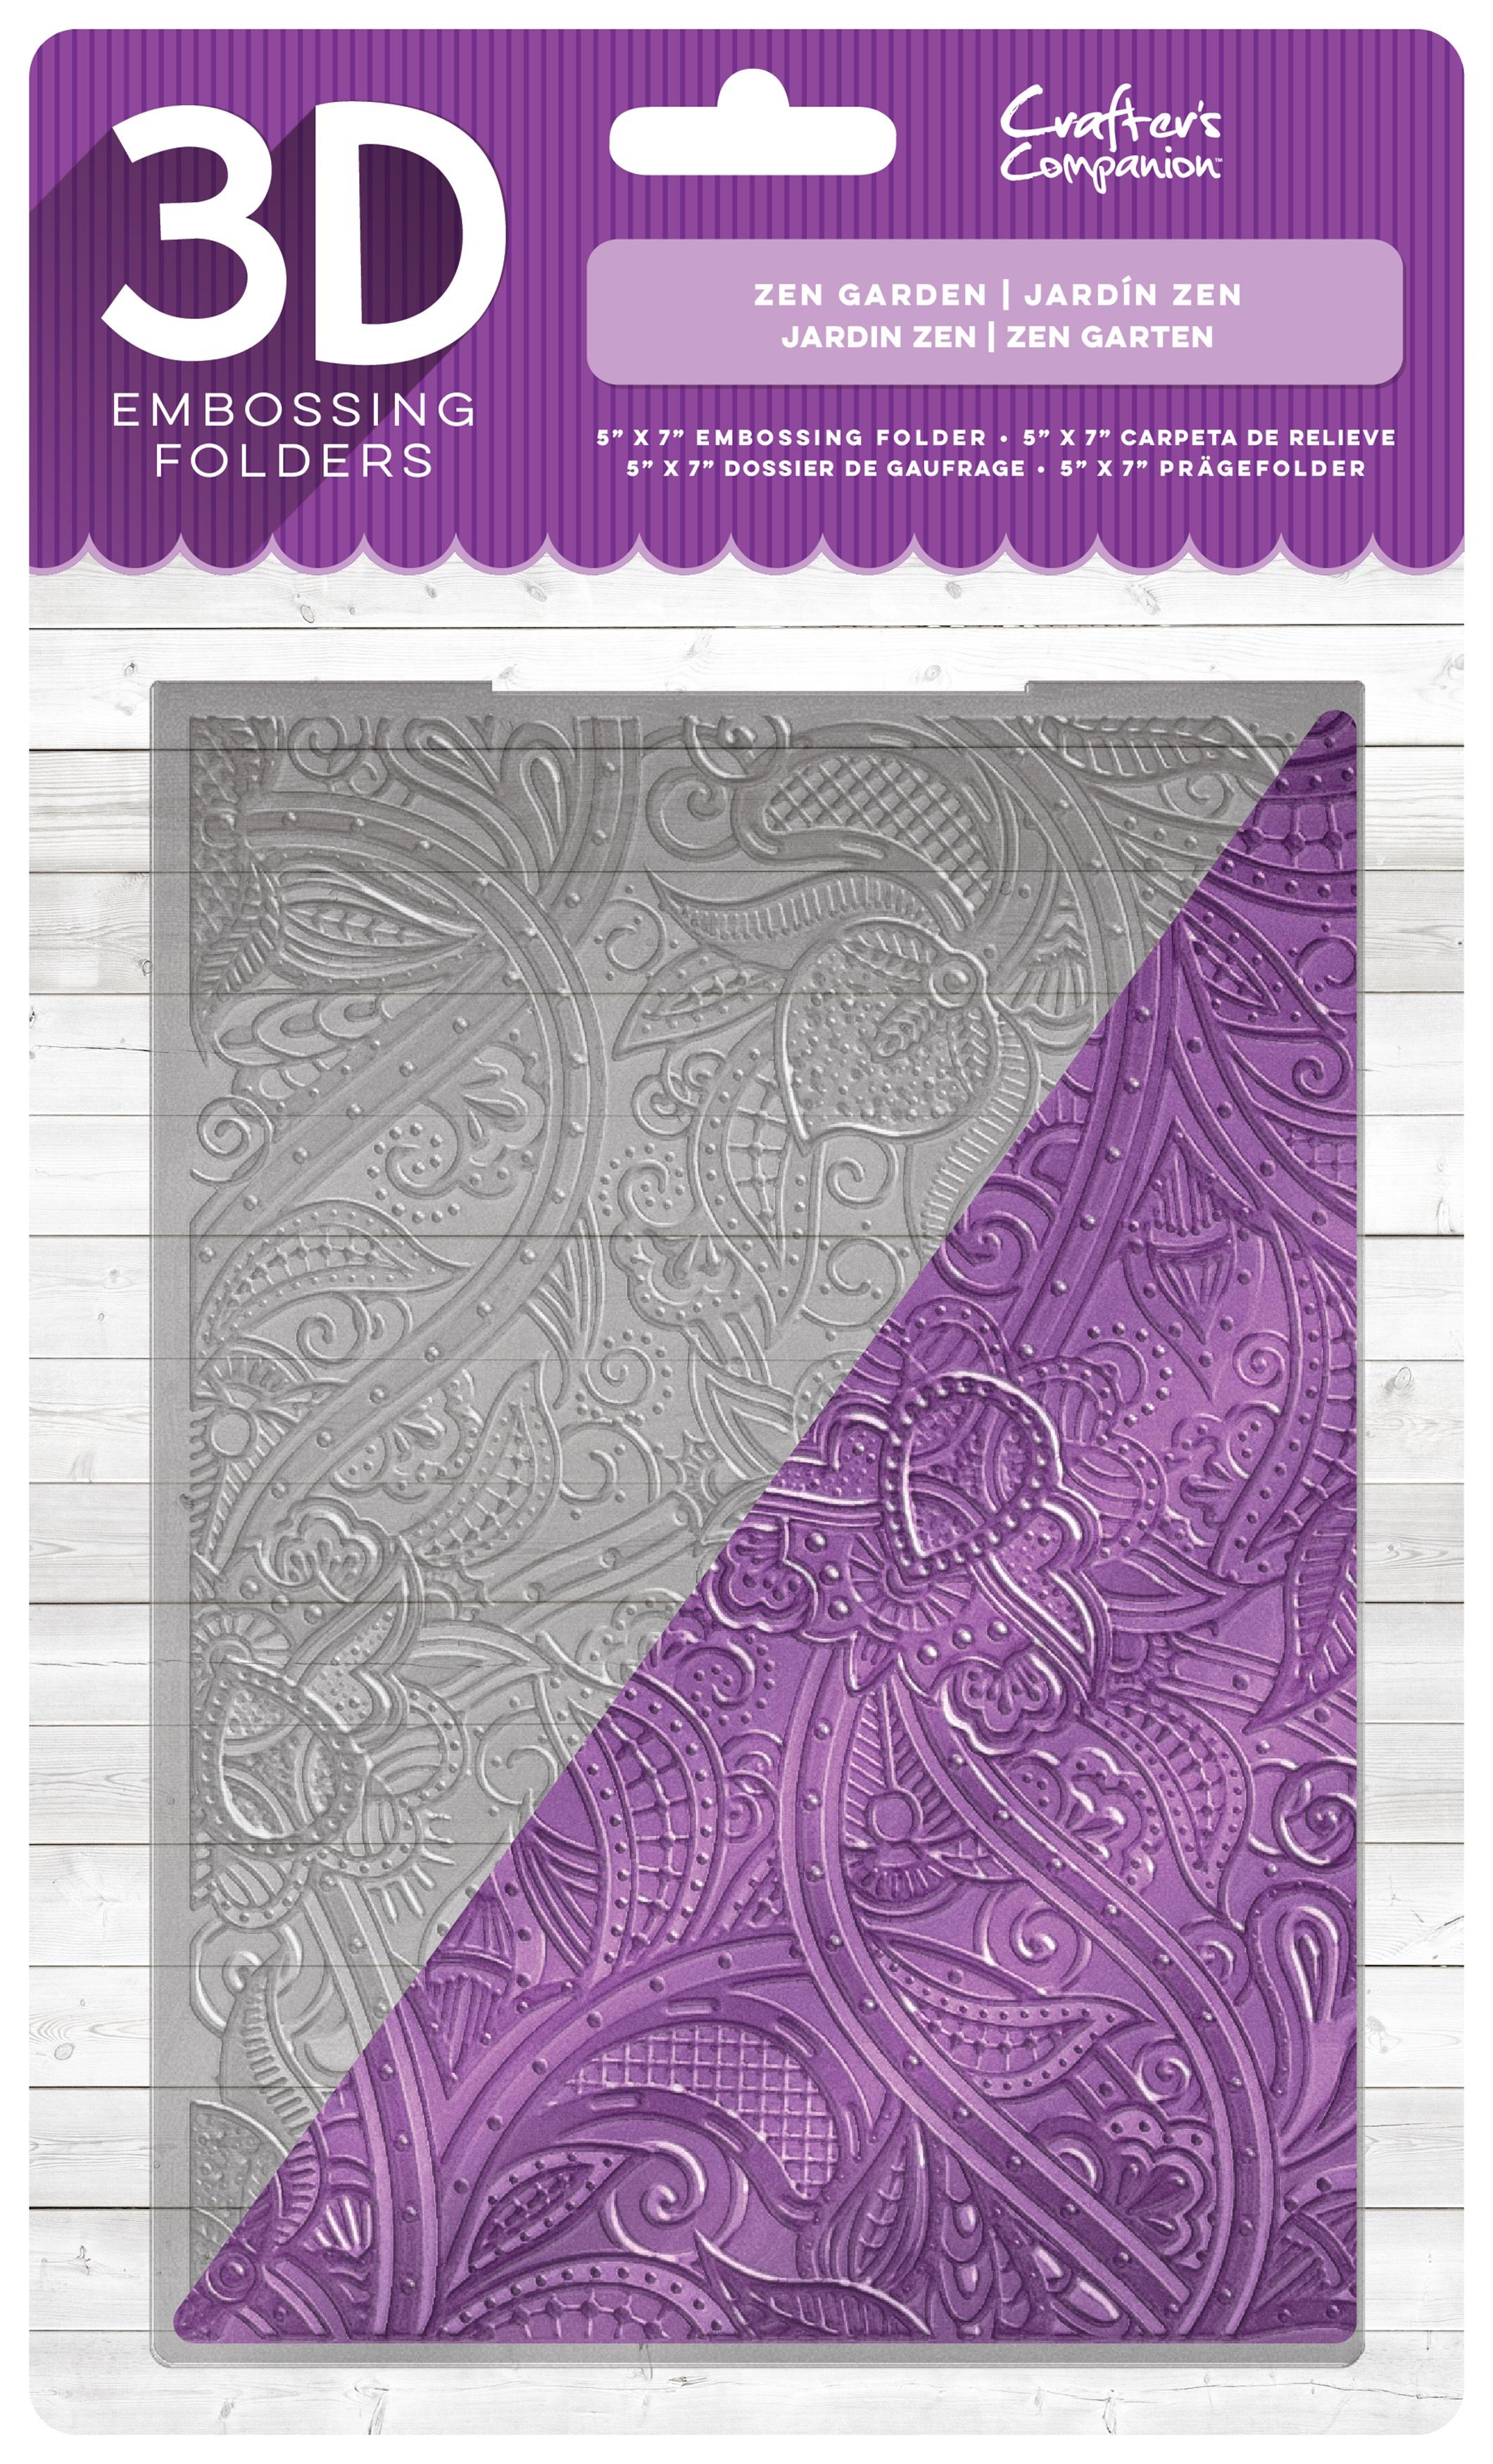 Crafter's Companion 3D Embossing Folder 5X7-Zen Garden